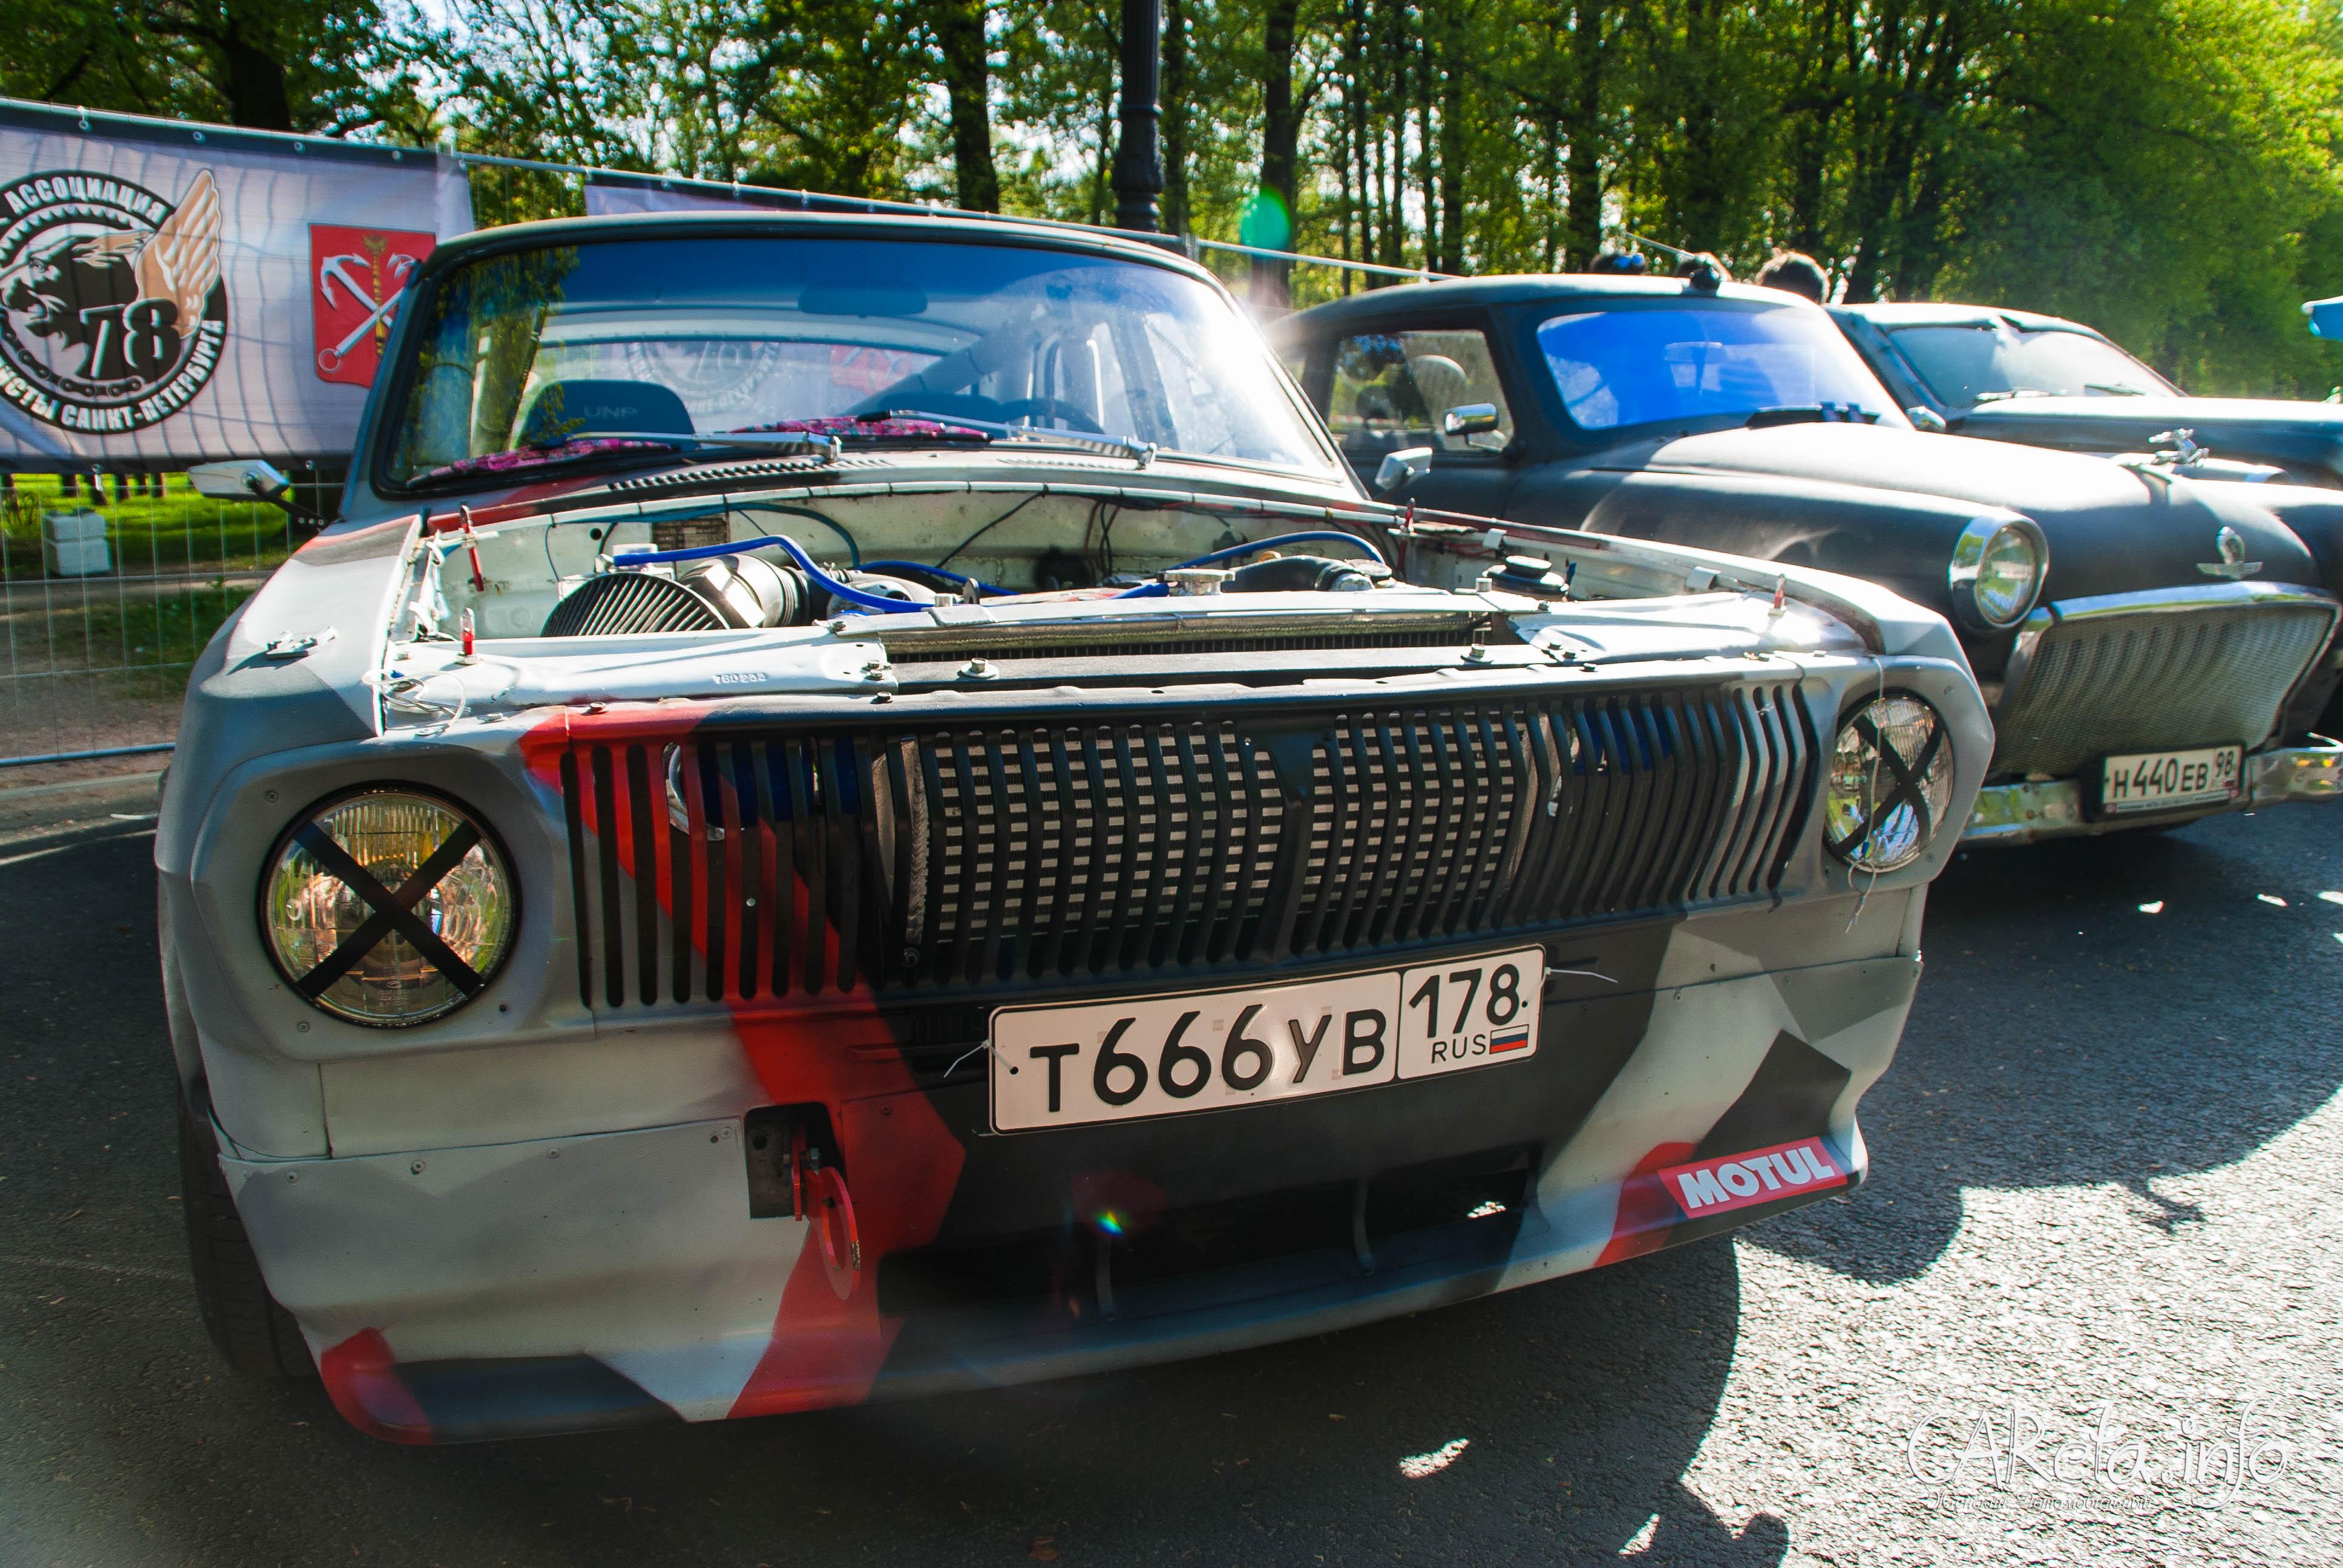 Автовернисаж на Неве-2016: лучше один раз увидеть